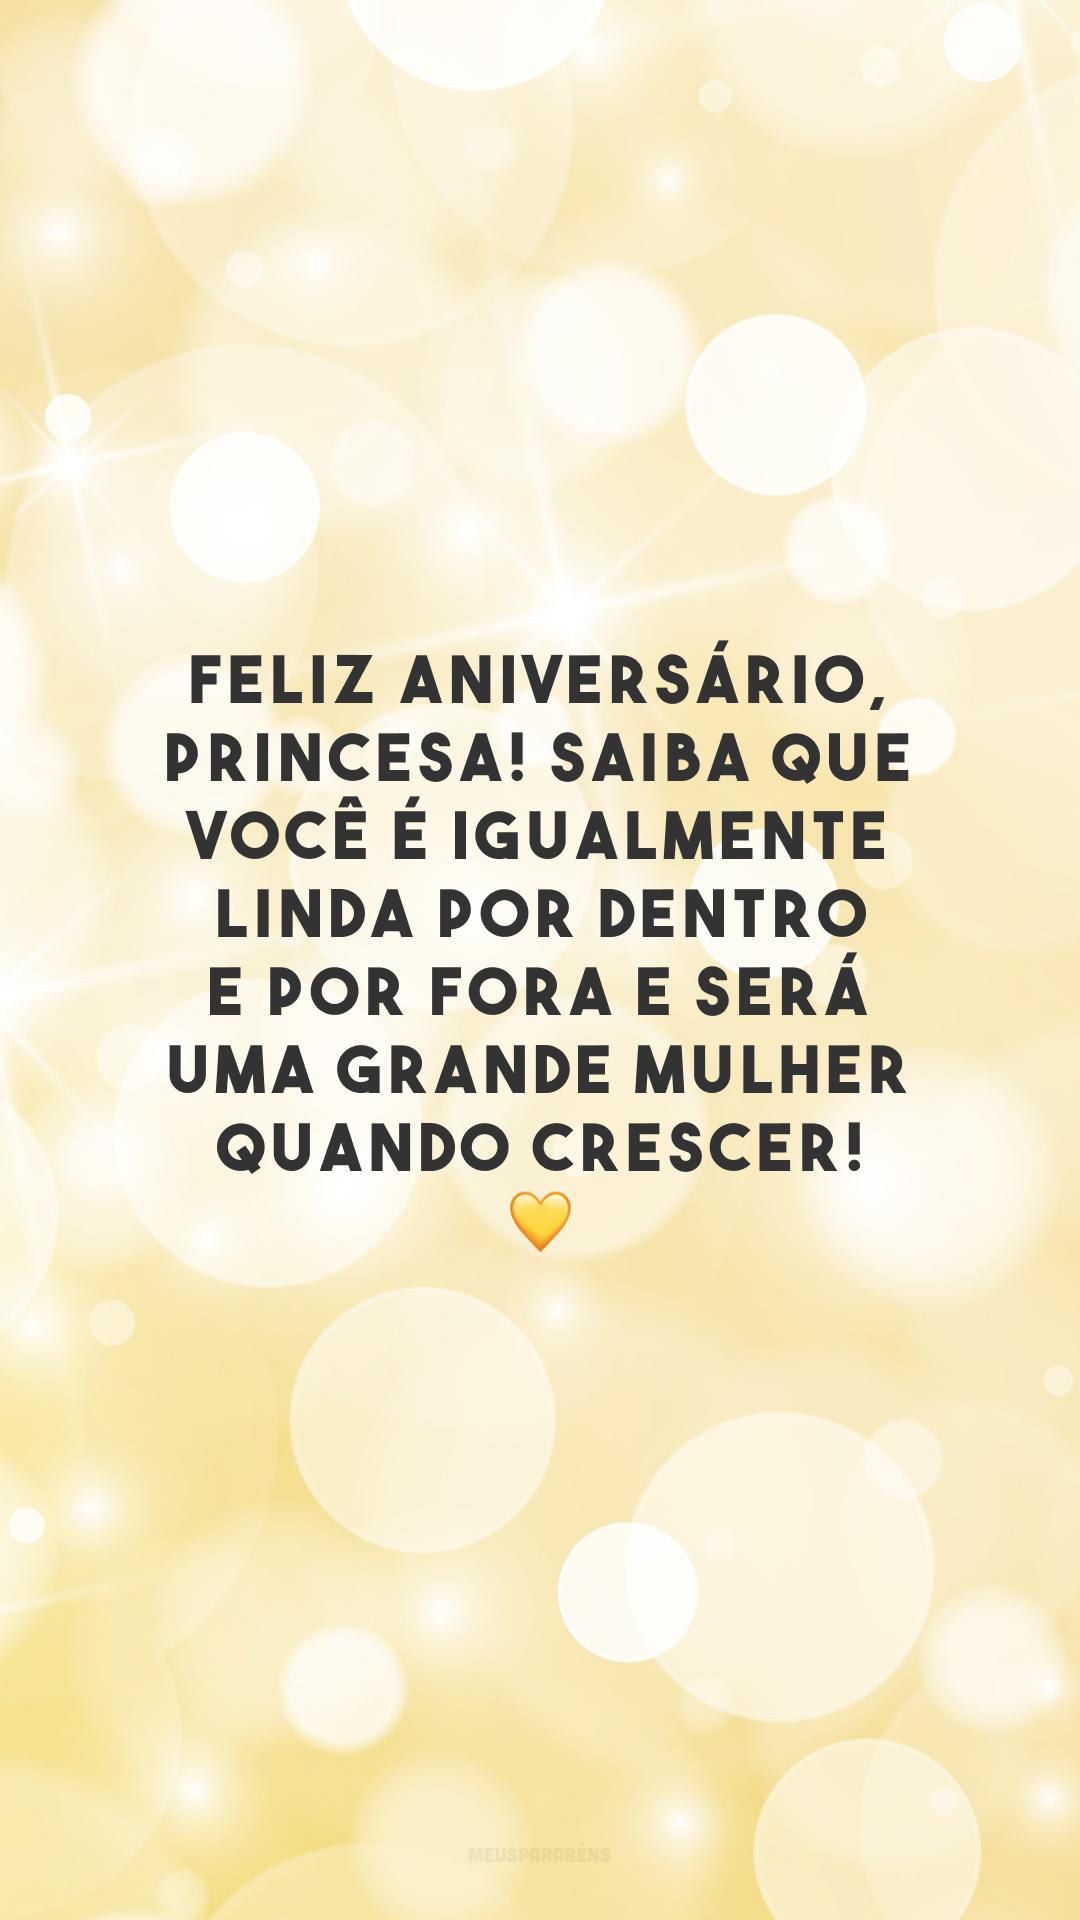 Feliz aniversário, princesa! Saiba que você é igualmente linda por dentro e por fora e será uma grande mulher quando crescer! 💛